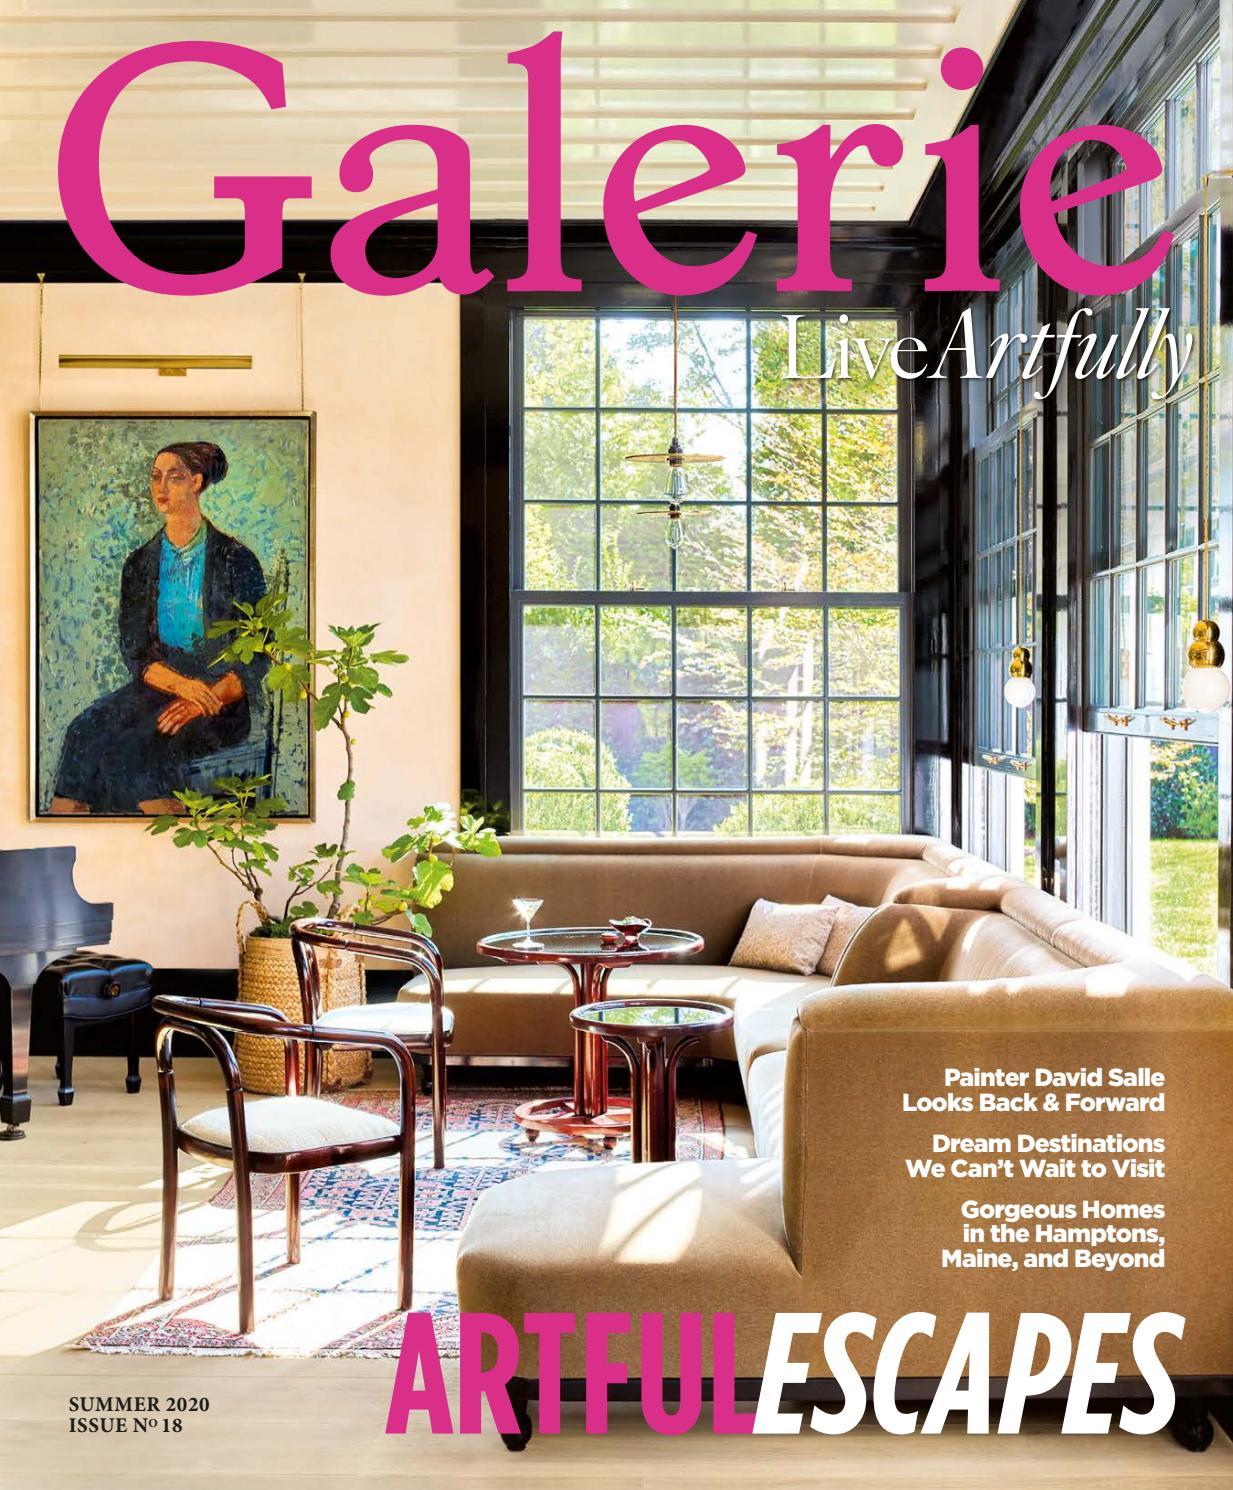 Galerie Summer 2020 By Galerie Magazine Issuu